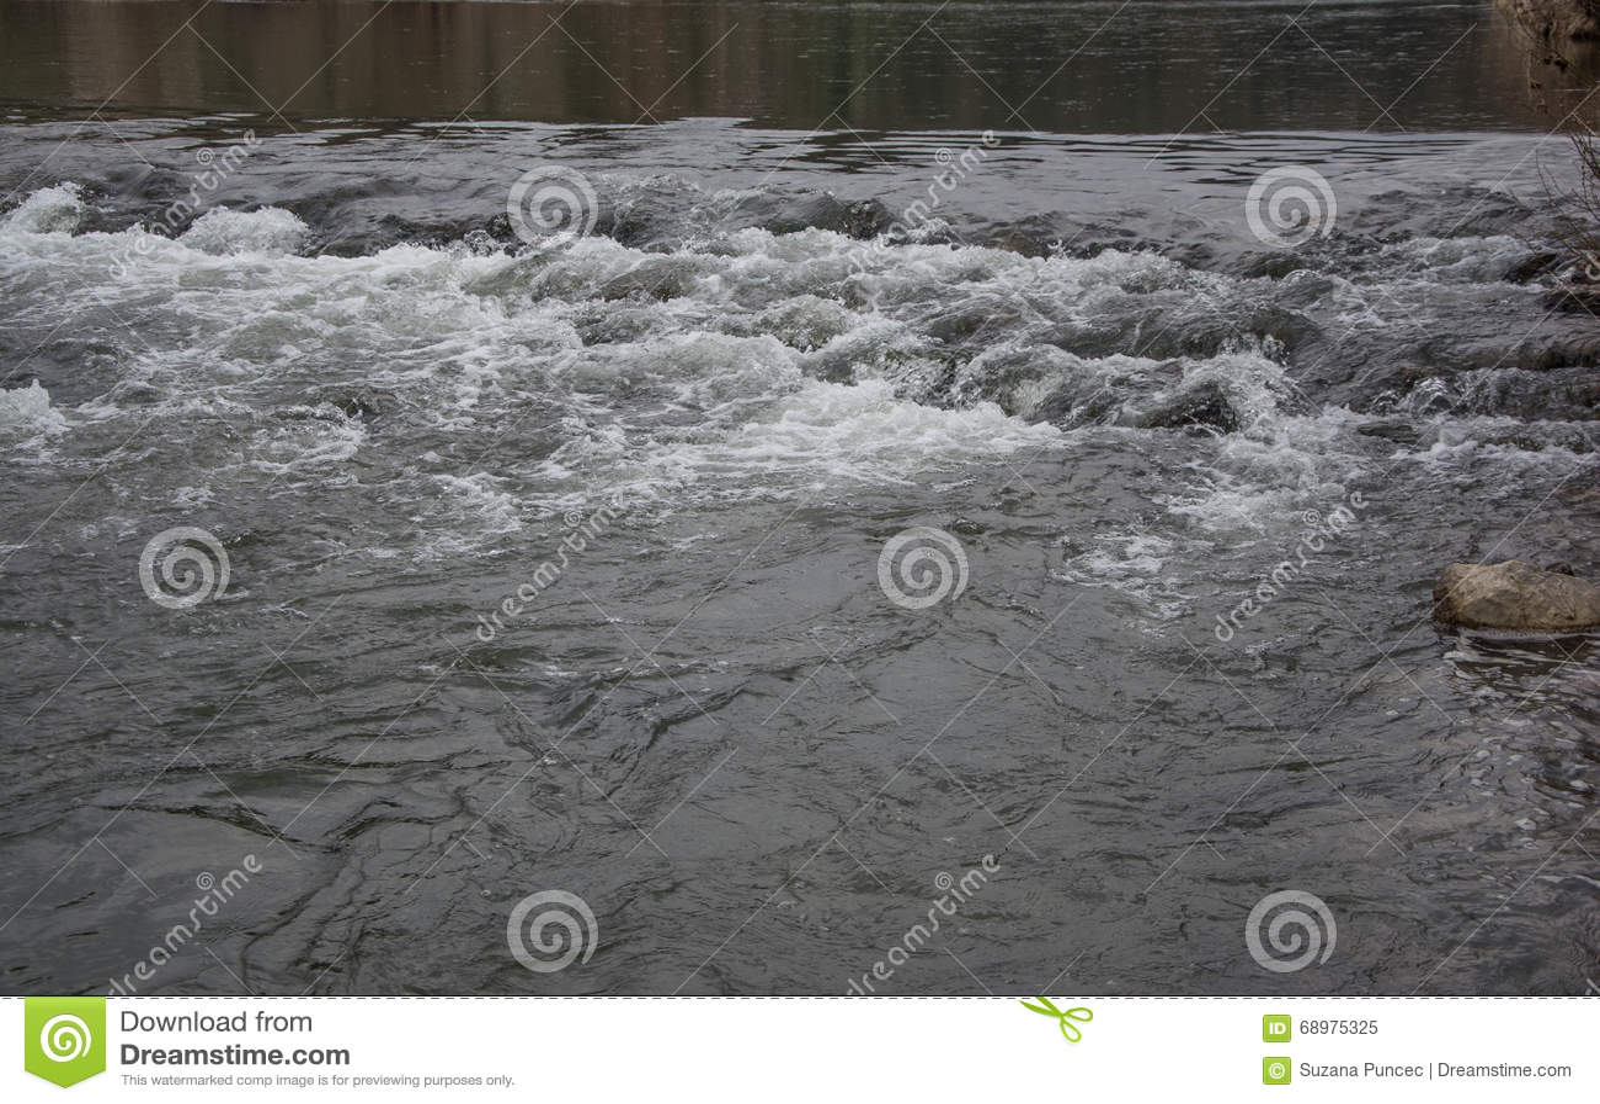 Flujo del río